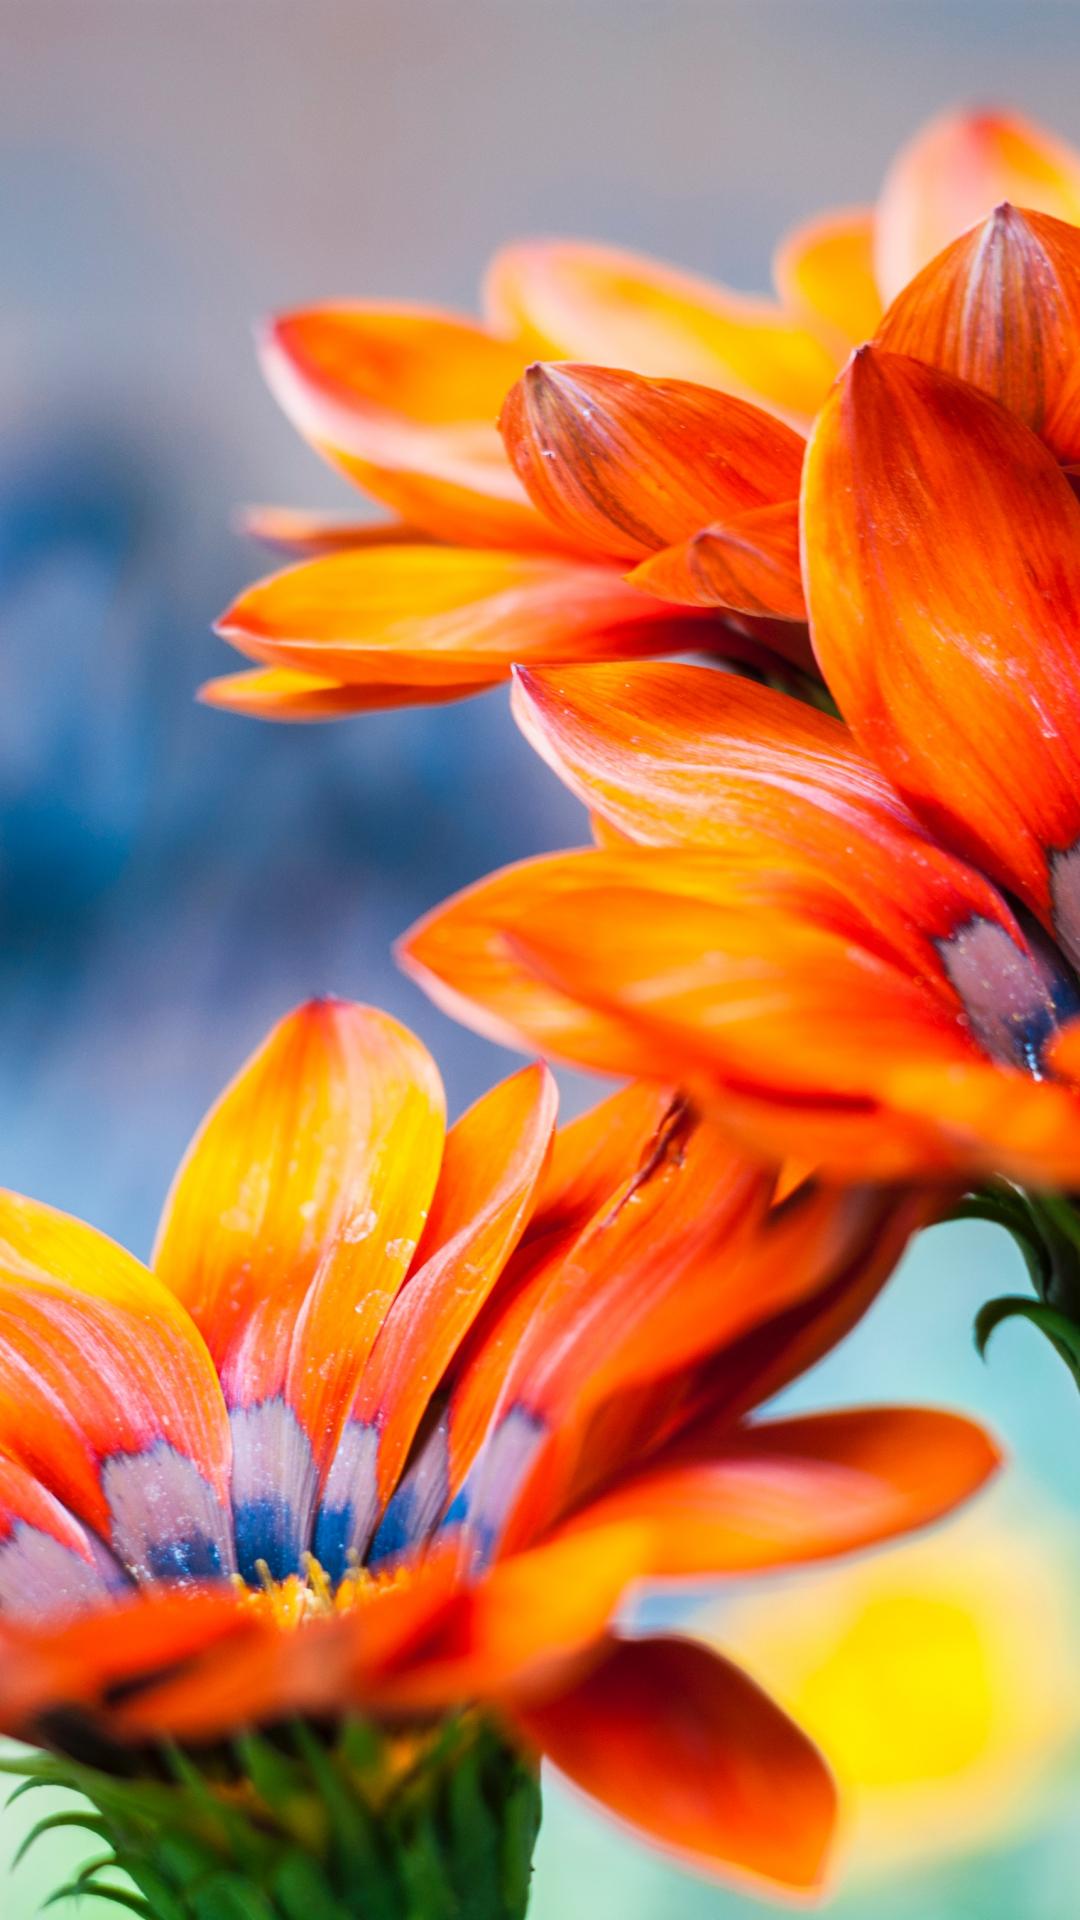 Petal And Orange iPhone Wallpaper